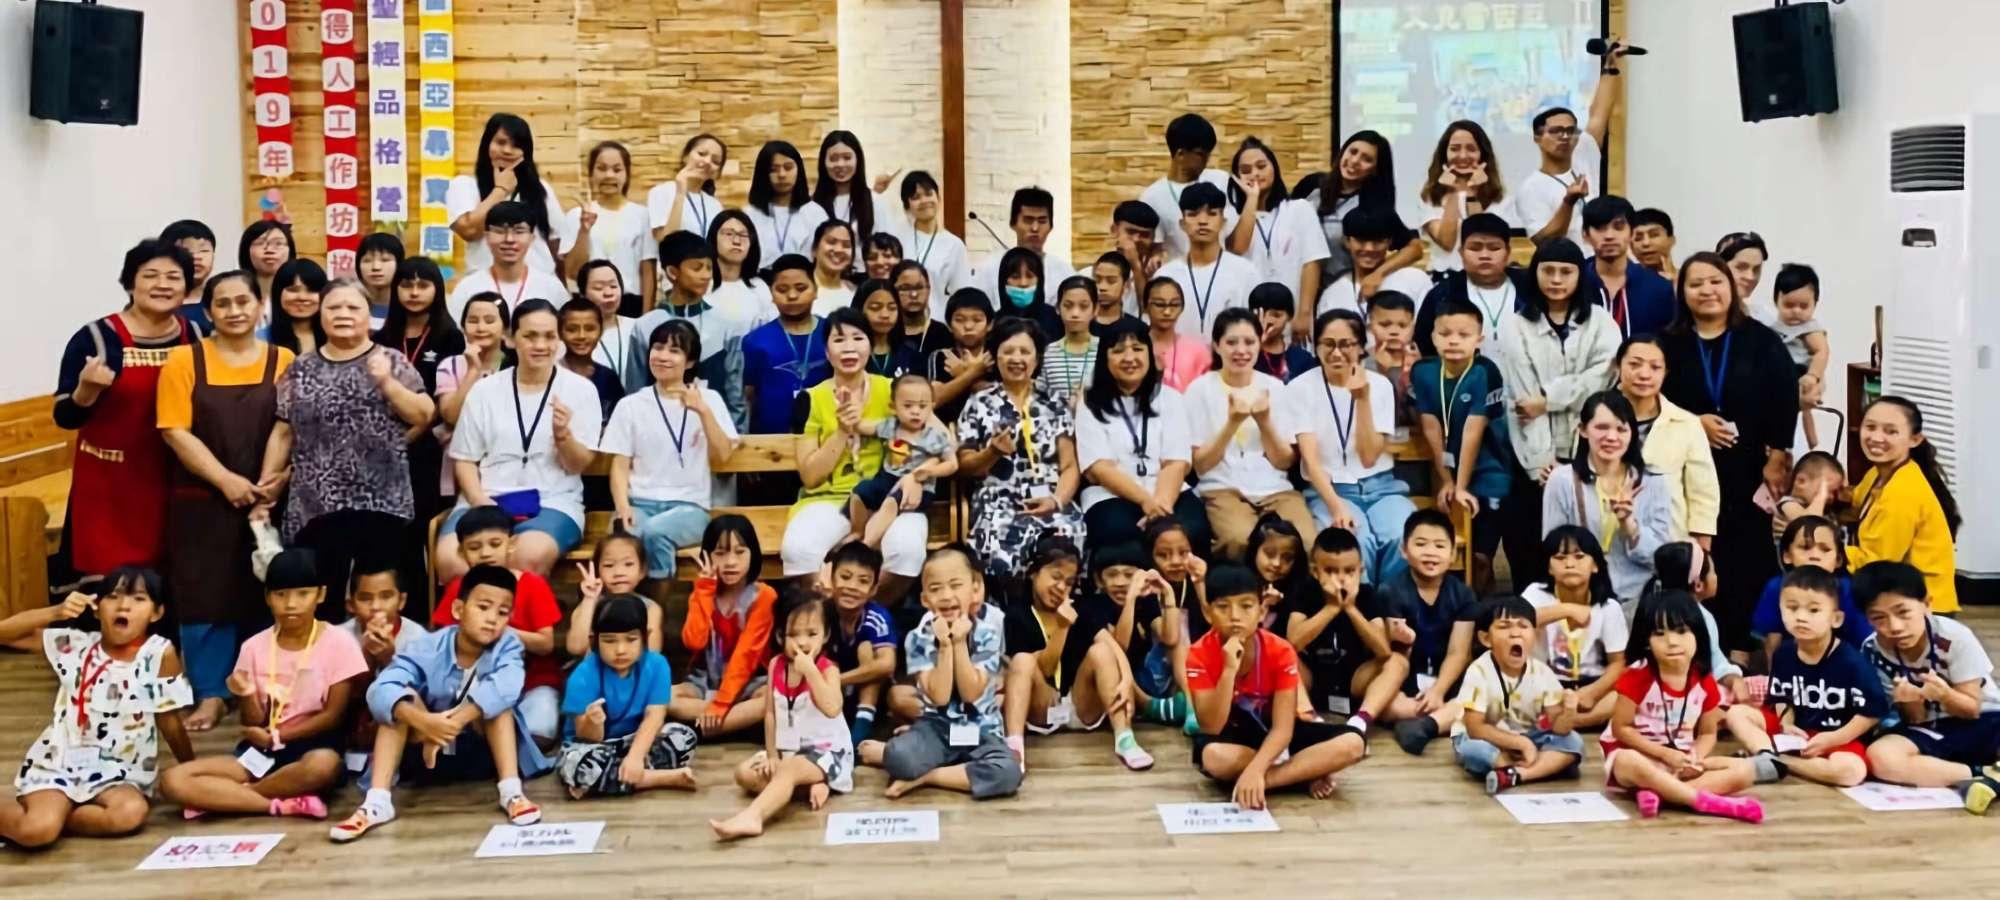 2019兒童聖經夏令營